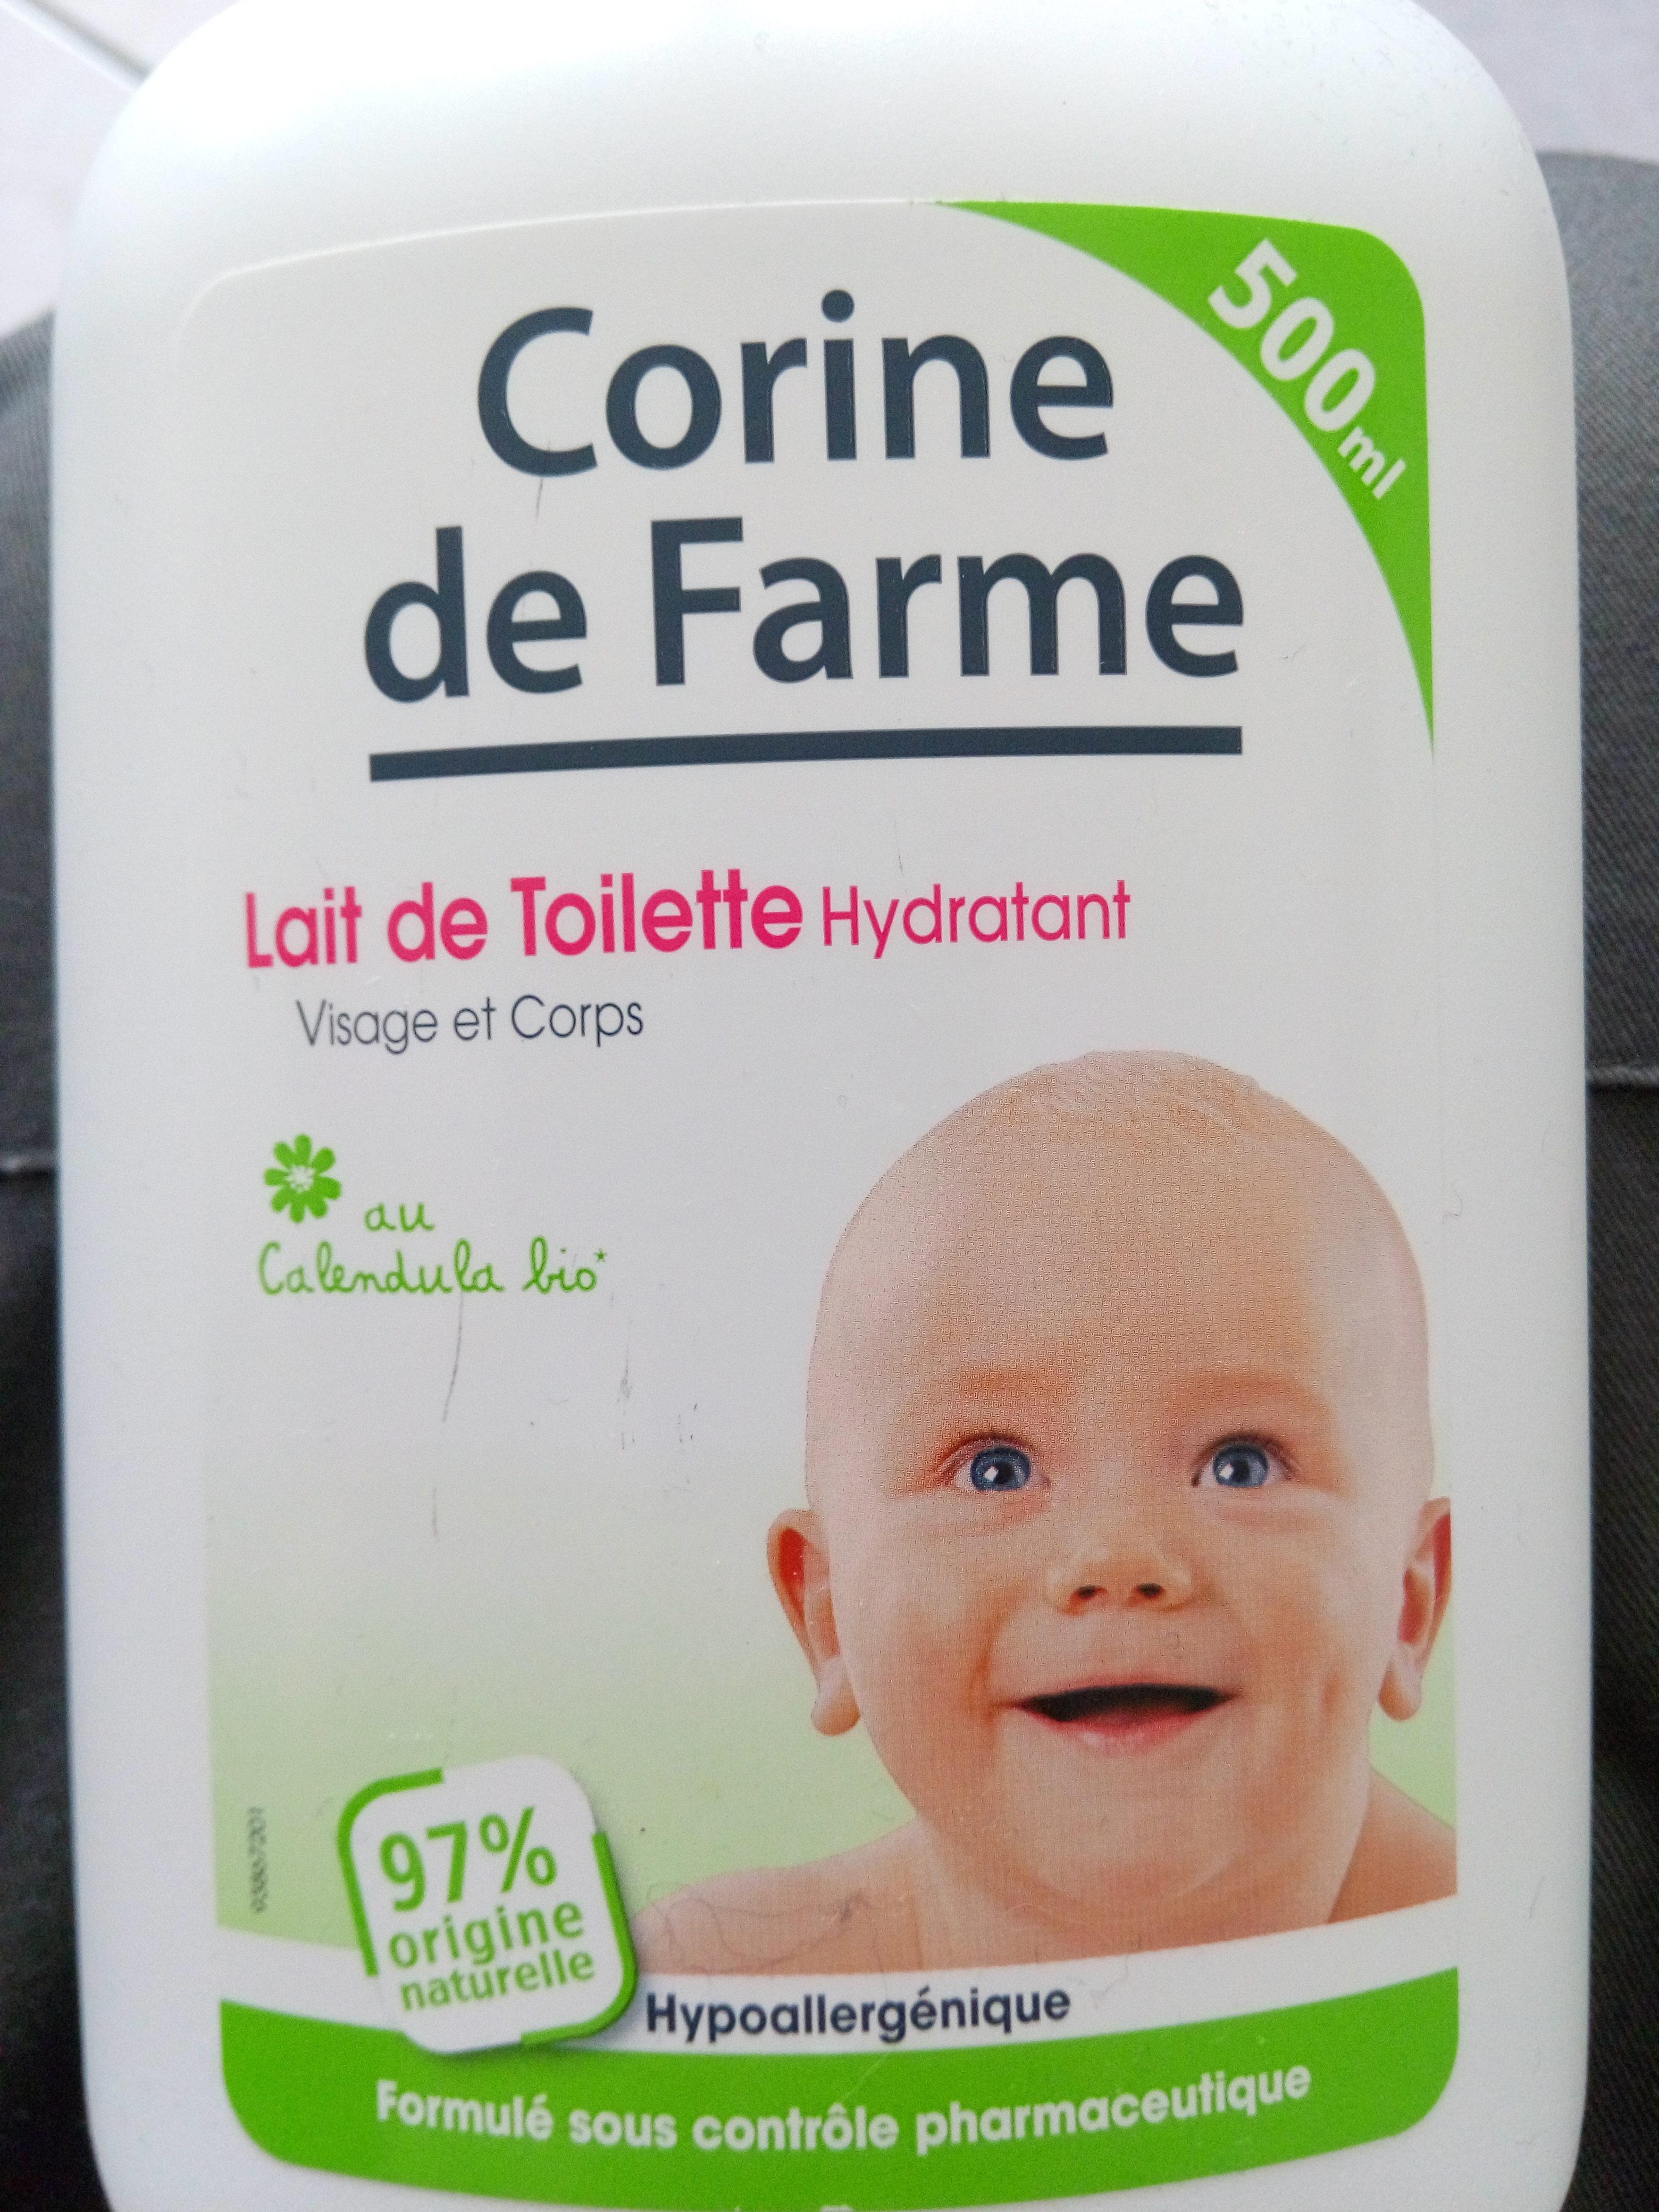 Corine de Farme Lait de Toilette Hydratant - Produit